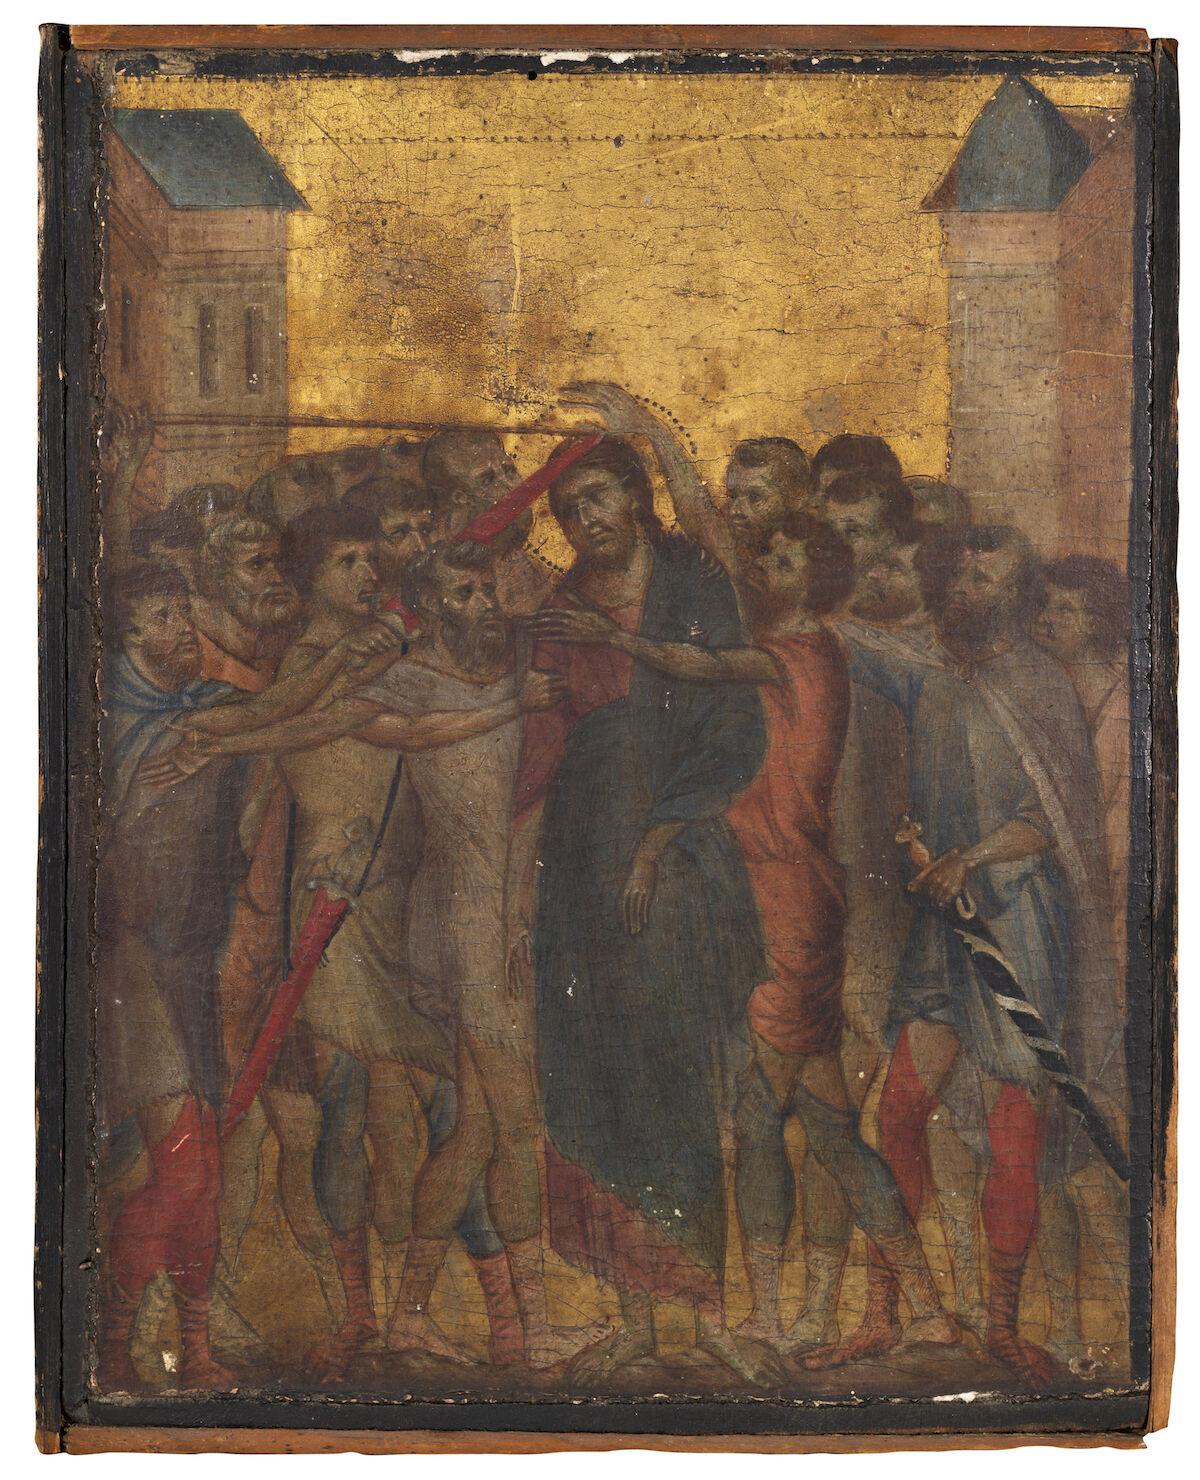 Cimabue, The Mocking of Christ or Christ Mocked. Est. €4 million–€6 million ($4.4 million–$6.6 million). Image © Actéon.